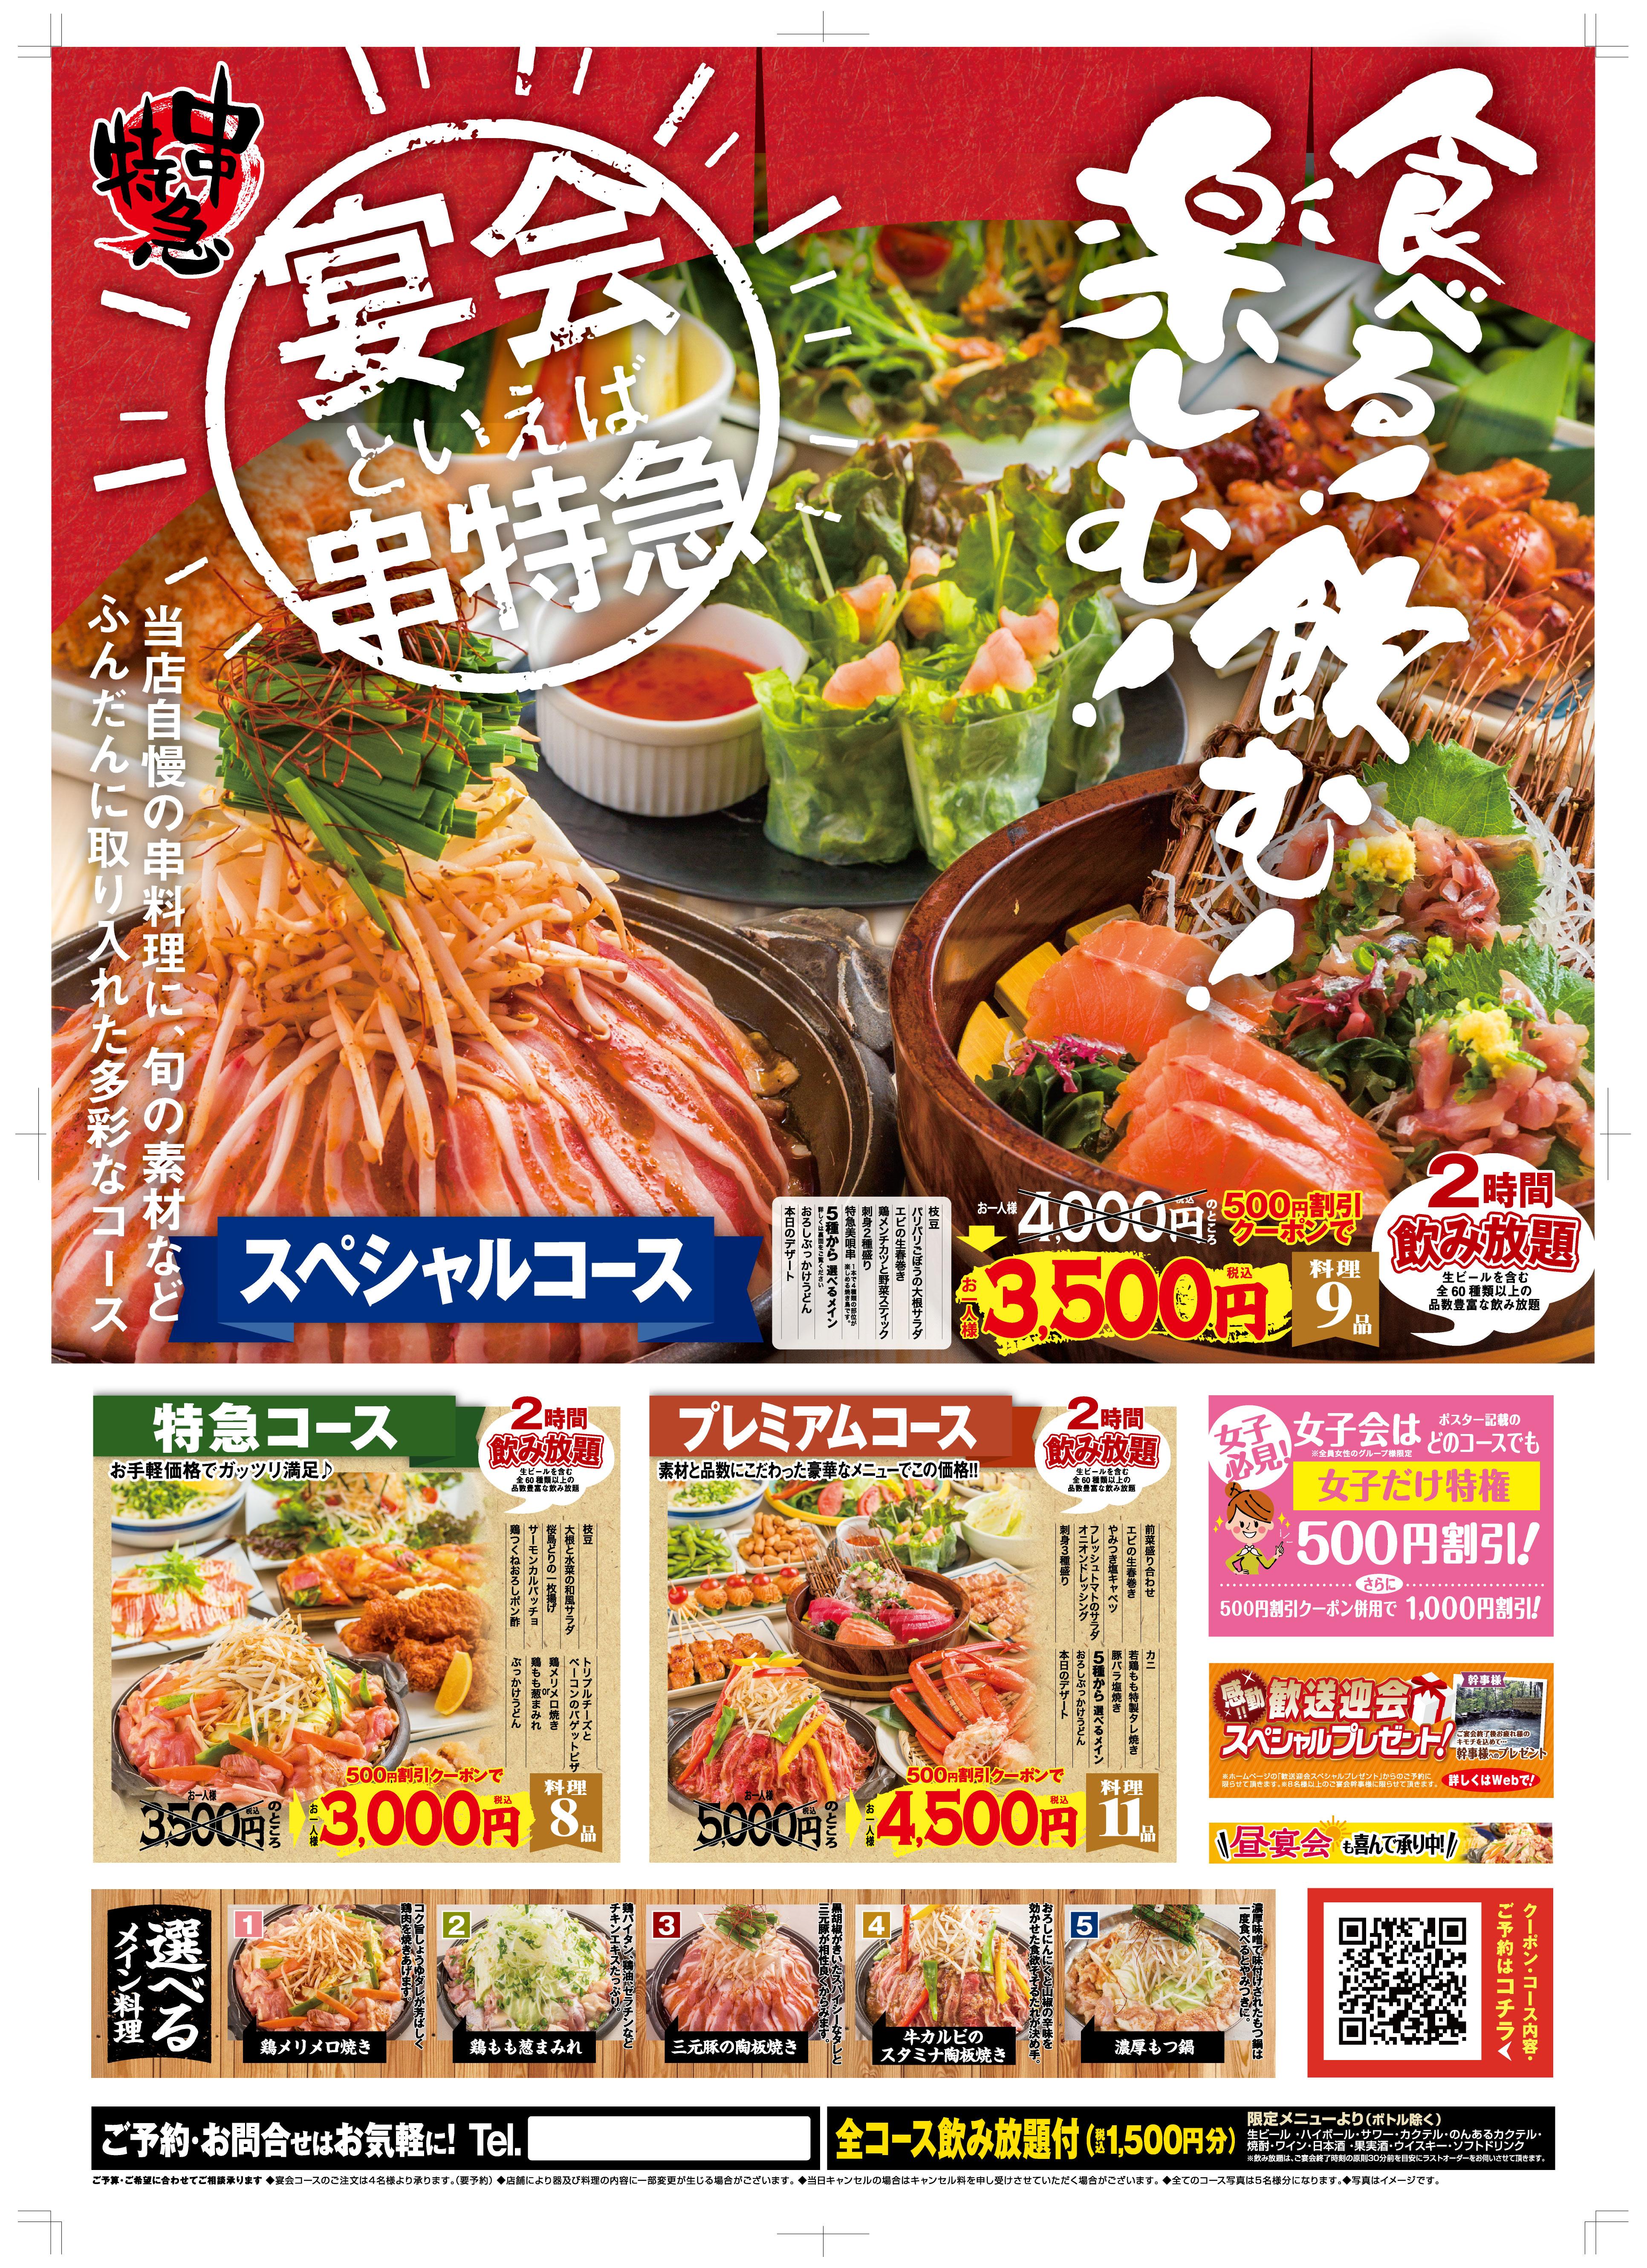 4月27日(静岡)、5月7日(首都圏)より、新しくなった宴会メニューがスタート!